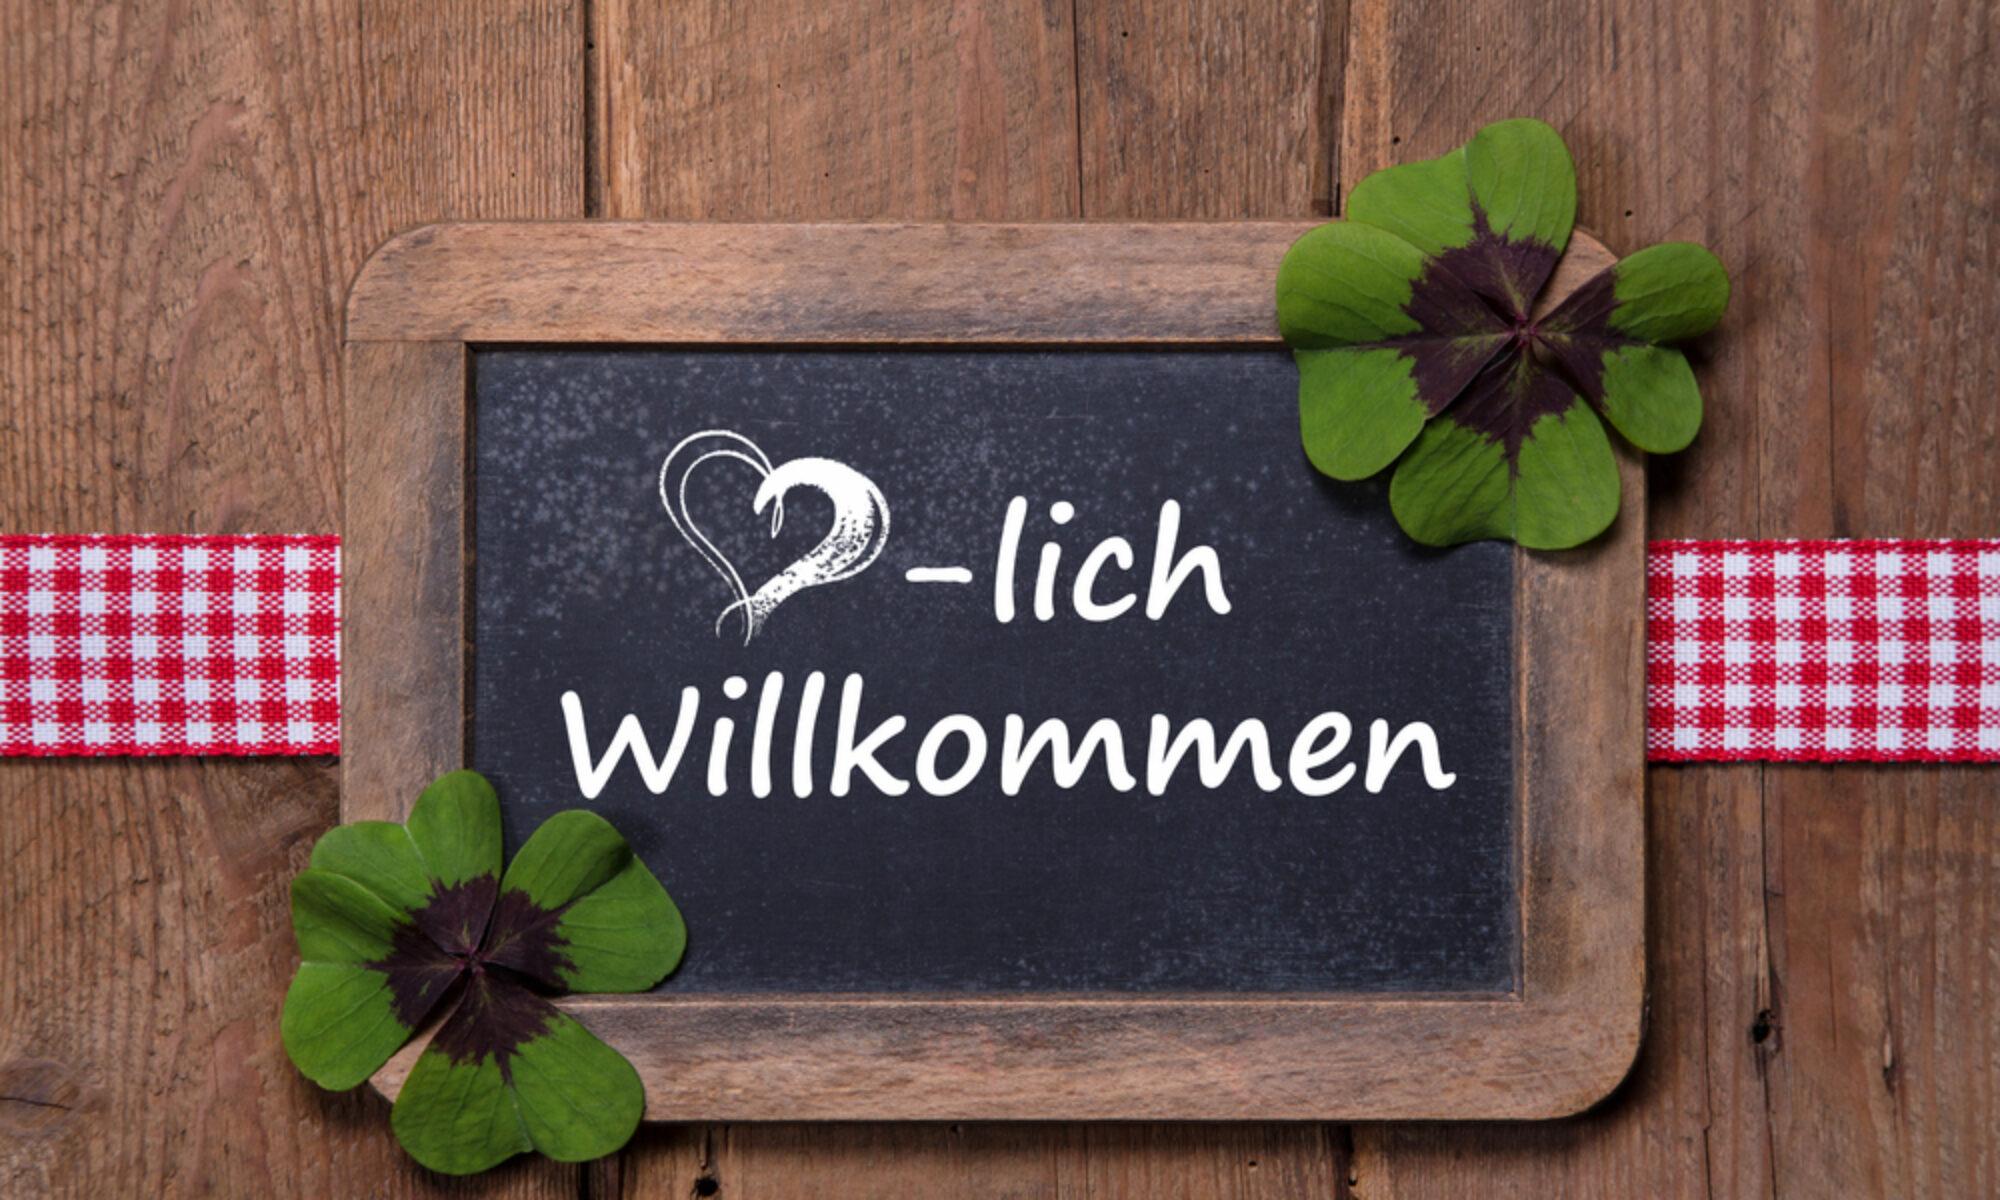 Kaminholzhh